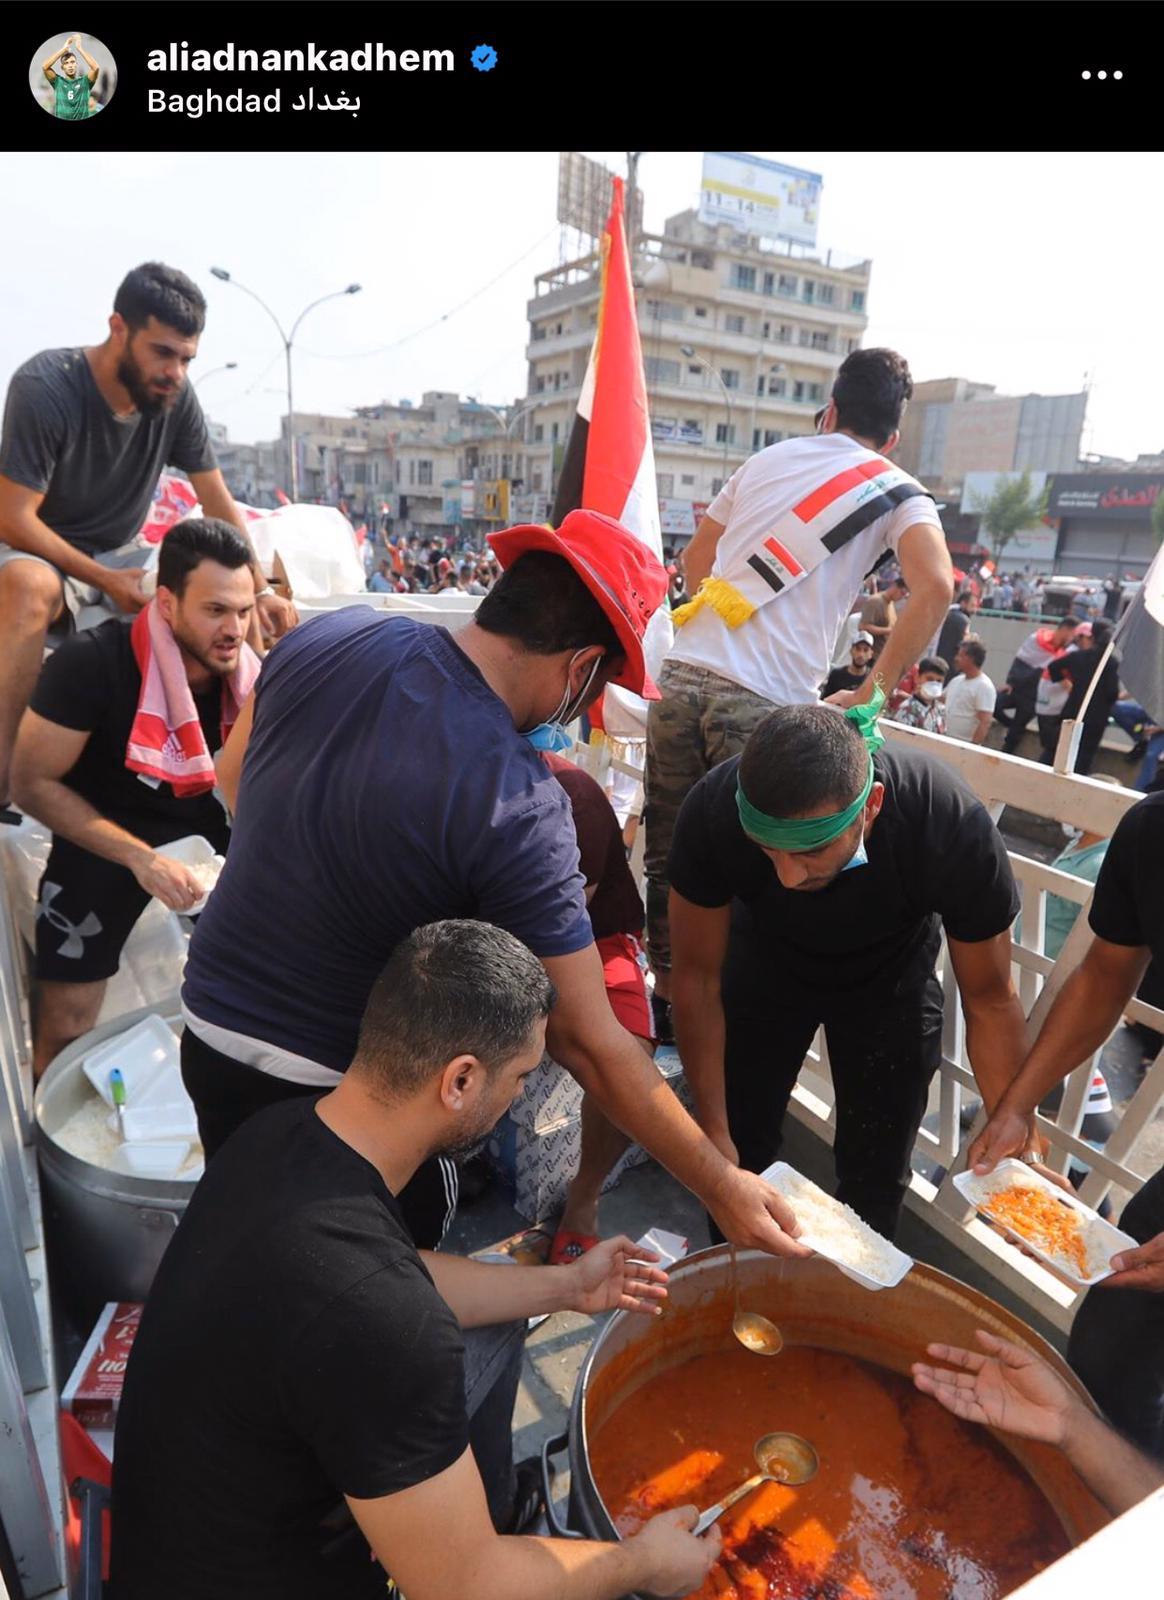 Ali Adnan distribuisce pasti